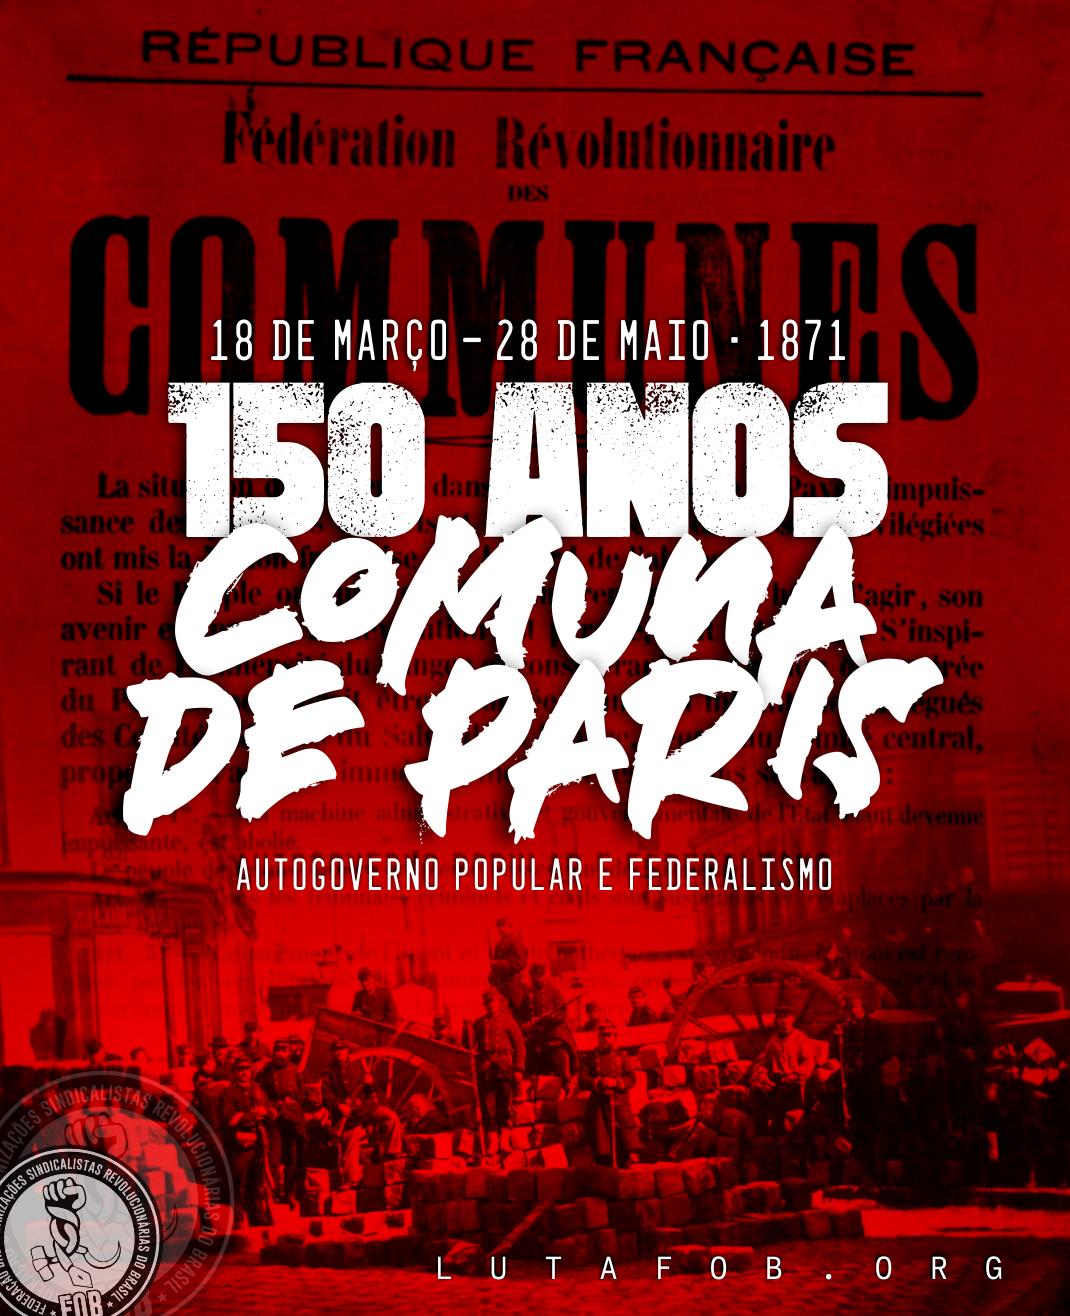 Autogoverno popular e federalismo: 150 anos da Comuna de Paris